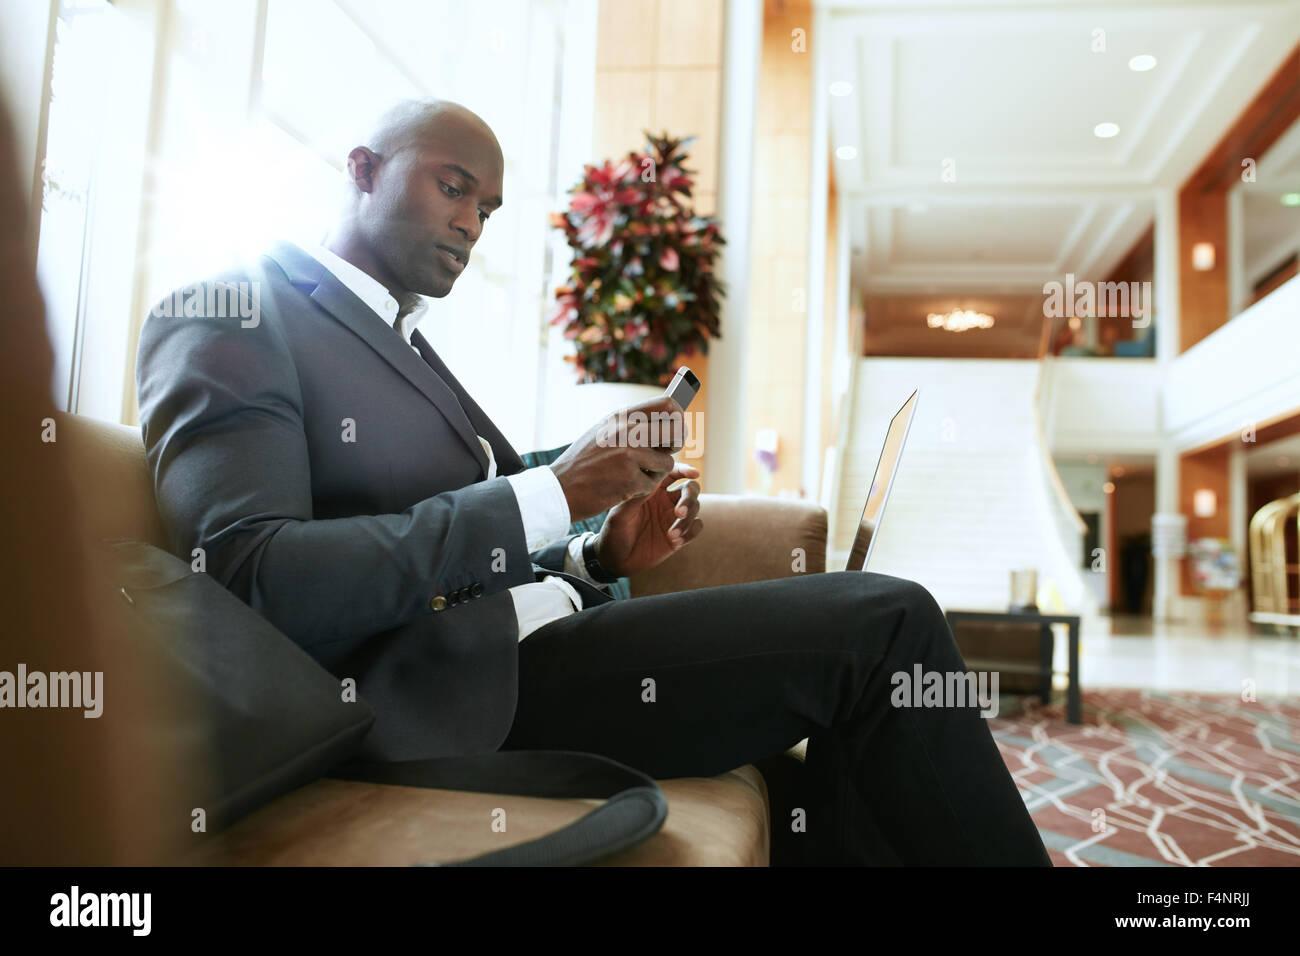 Executive maschile seduto sul divano guardando al suo telefono mobile. Imprenditore africani in attesa nella hall Immagini Stock